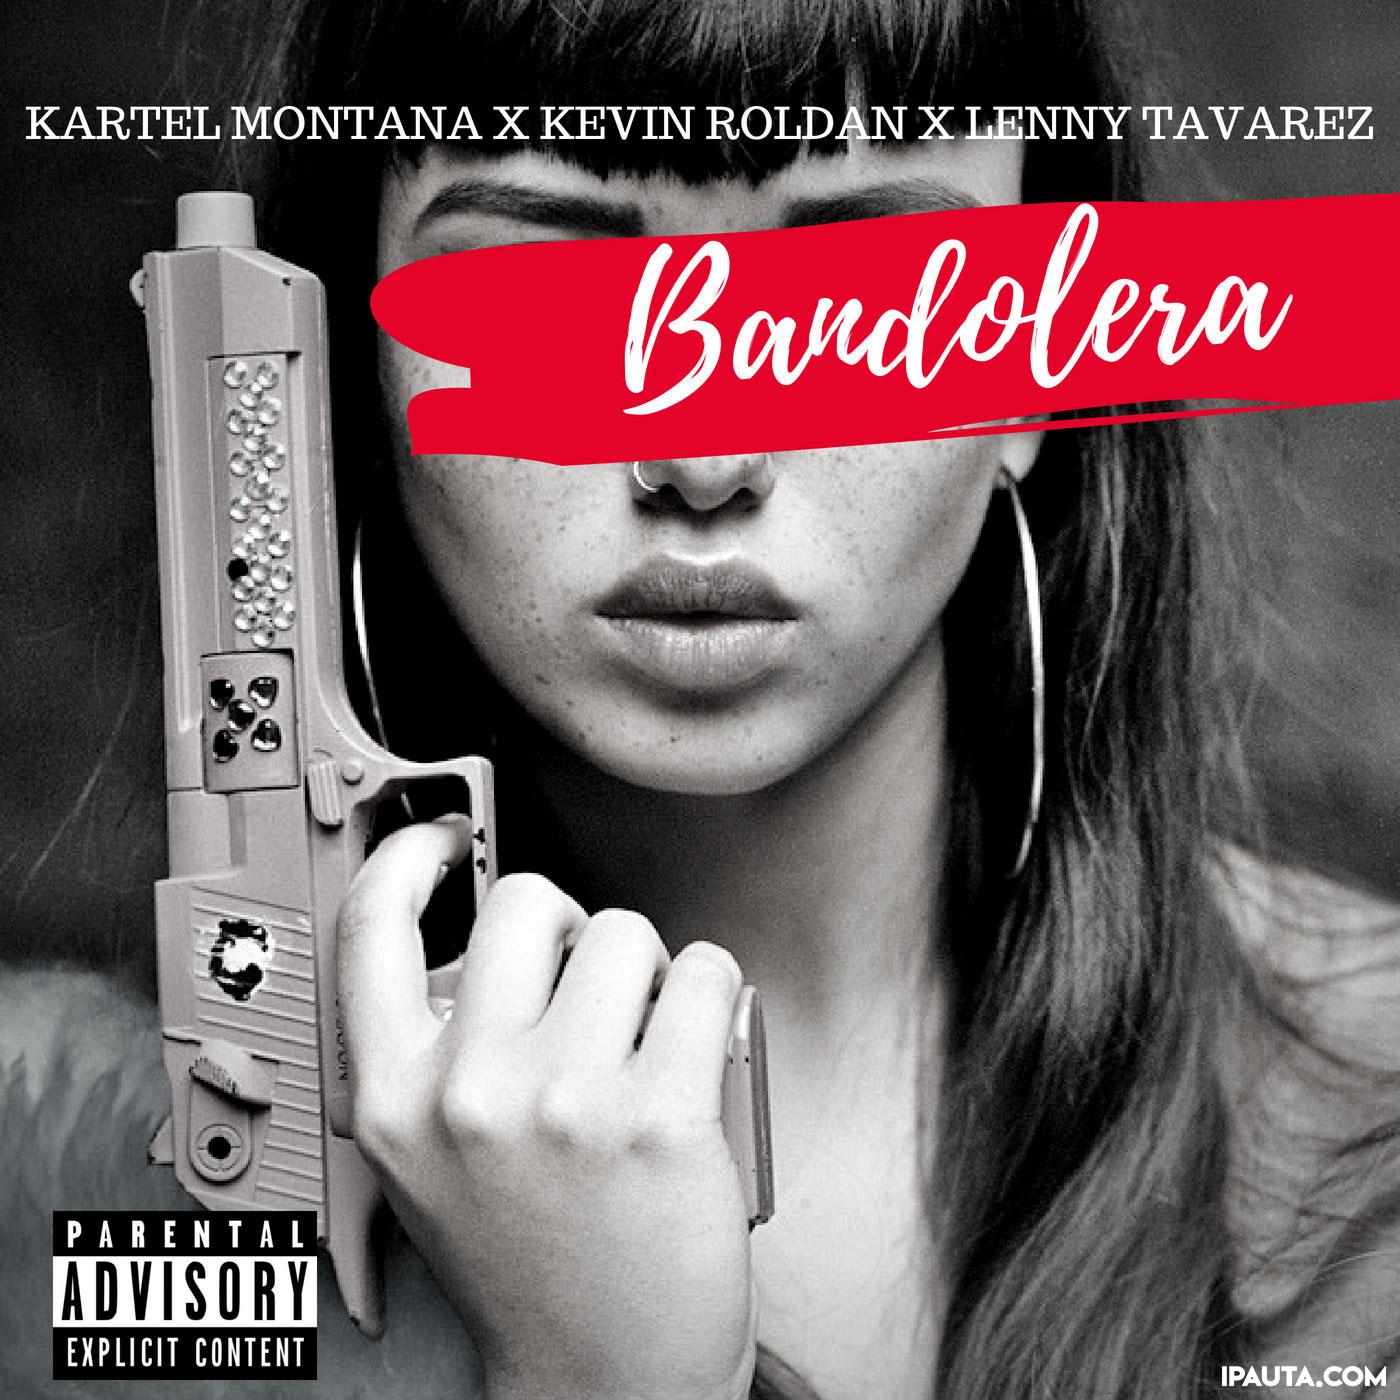 Kartel Montana Ft. Kevin Roldan Y Lenny Tavarez Bandolera - Kartel Montana Ft. Kevin Roldan Y Lenny Tavarez - Bandolera